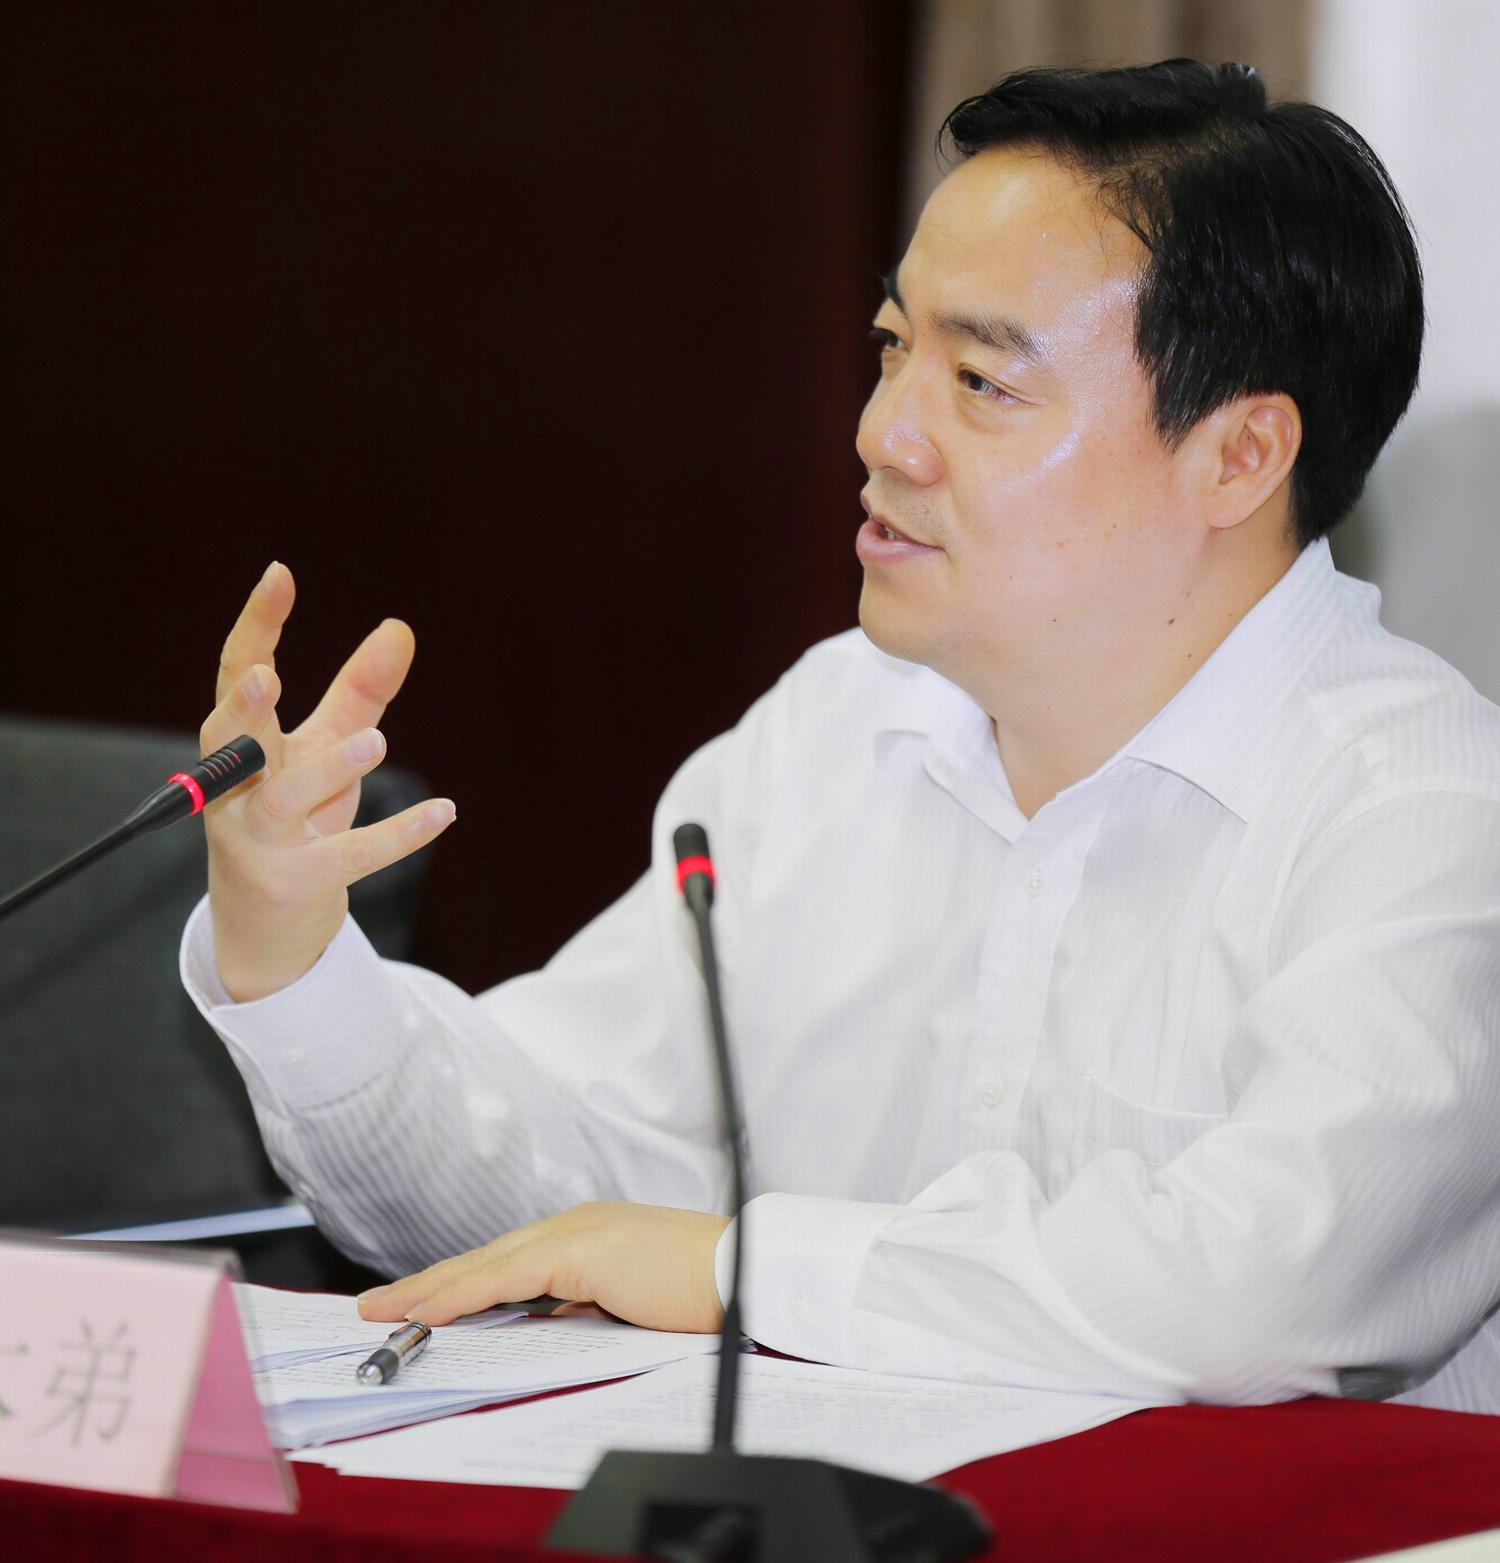 庄木弟介绍说,奉贤在城市管理中,坚持党建引领和依靠群众,扎实推进和落实促进城市管理精细化。